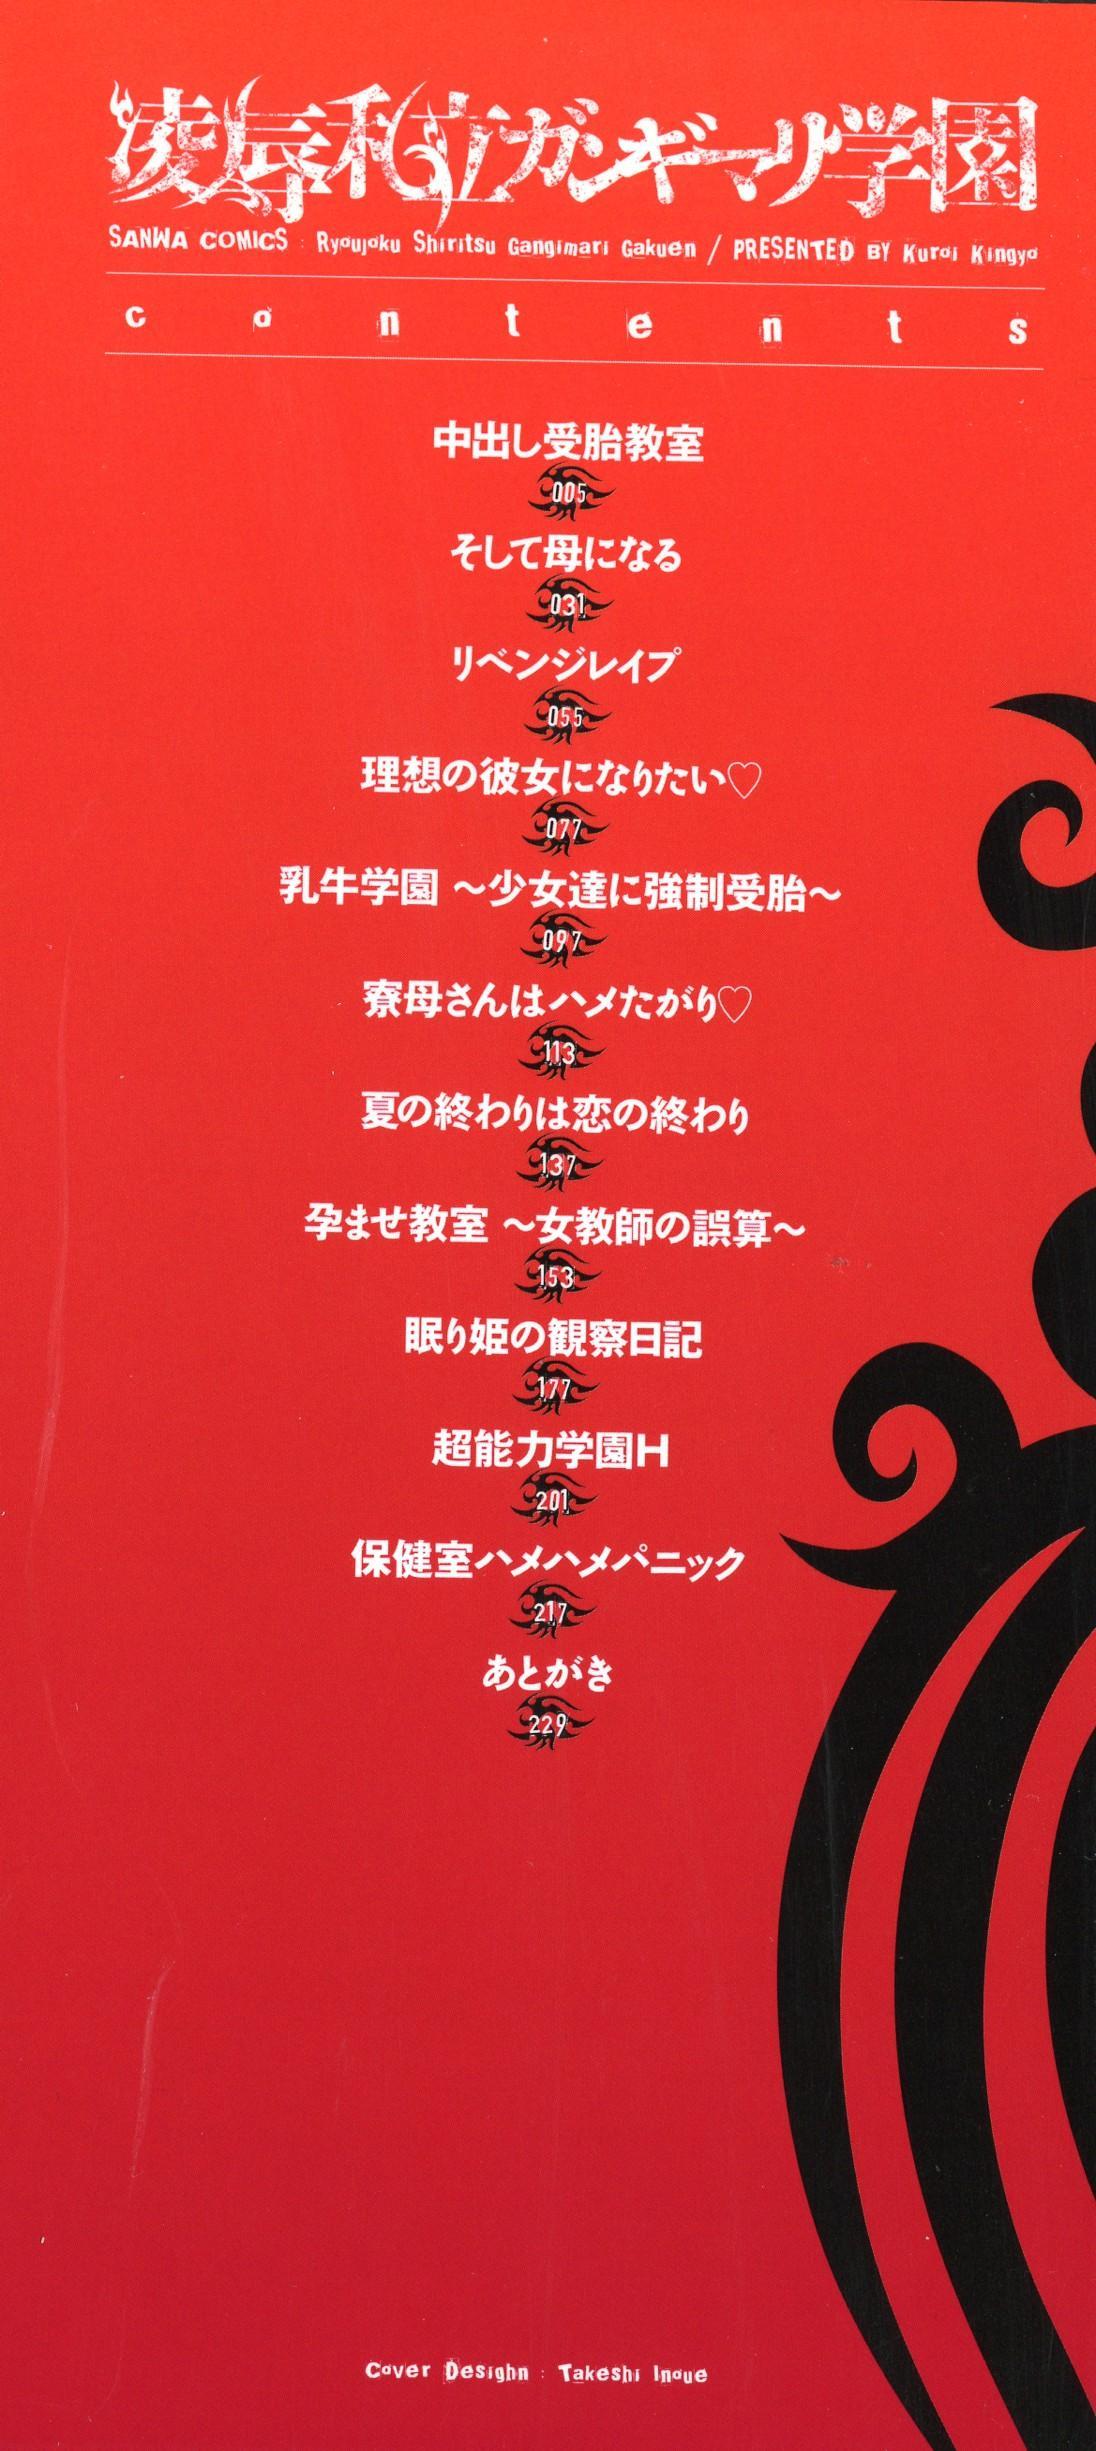 Ryoujoku Shiritsu Gangimari Gakuen 2